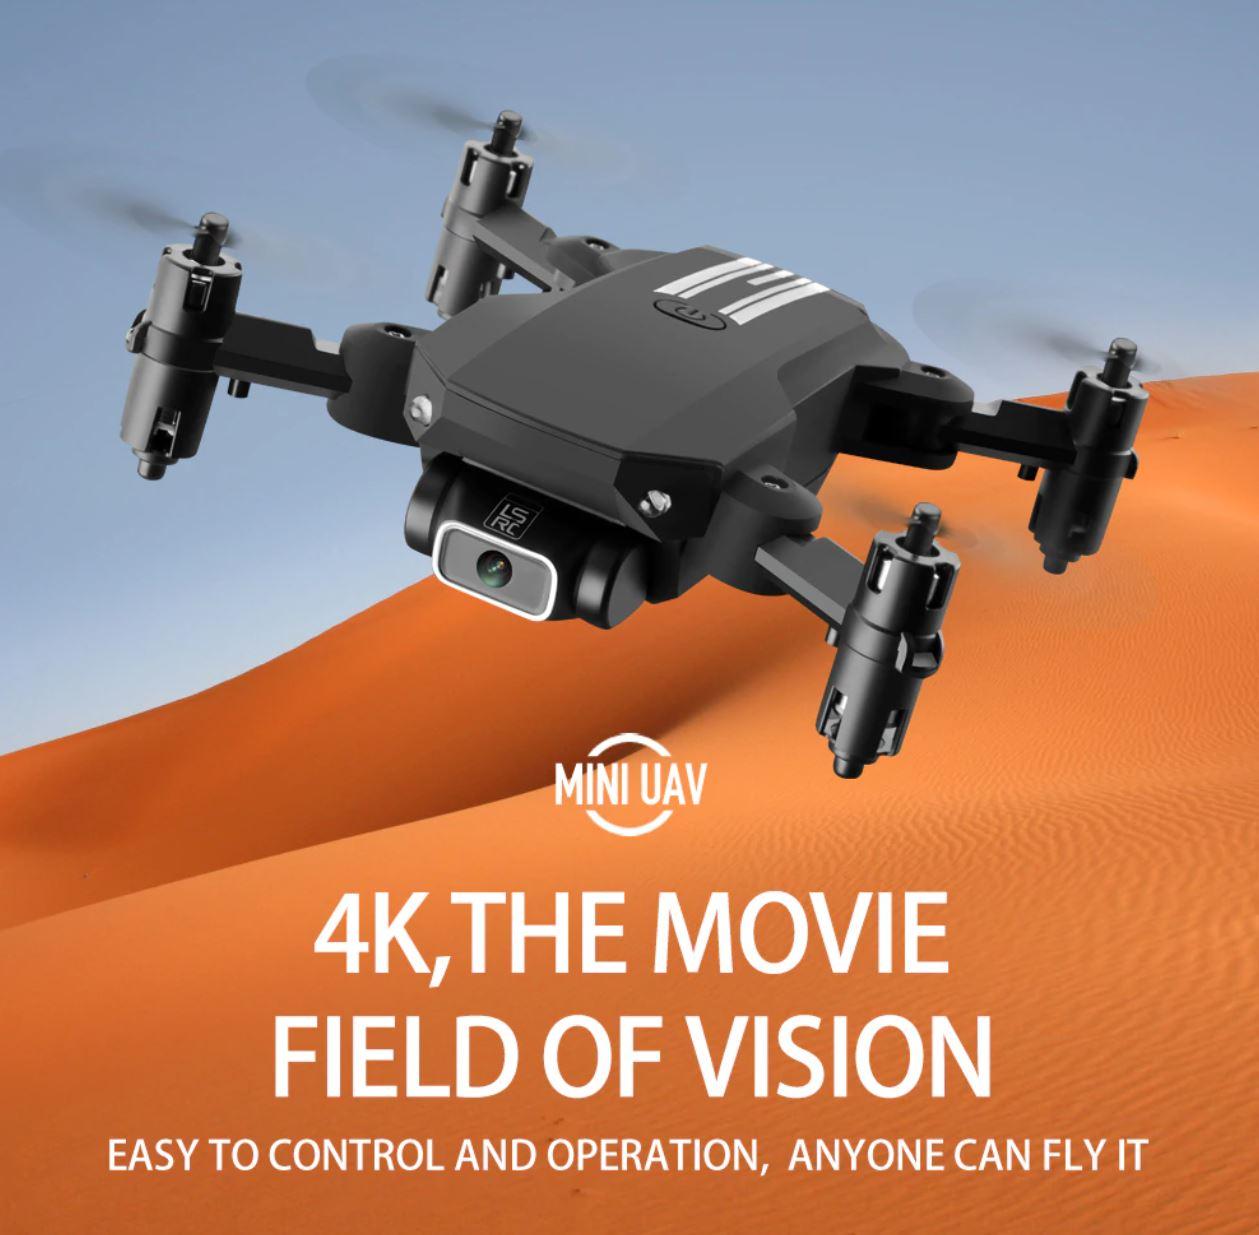 Drony od 50 zł i inne zabawki dla dużych chłopców w promocji Aliexpress - XKJ Mini Drone